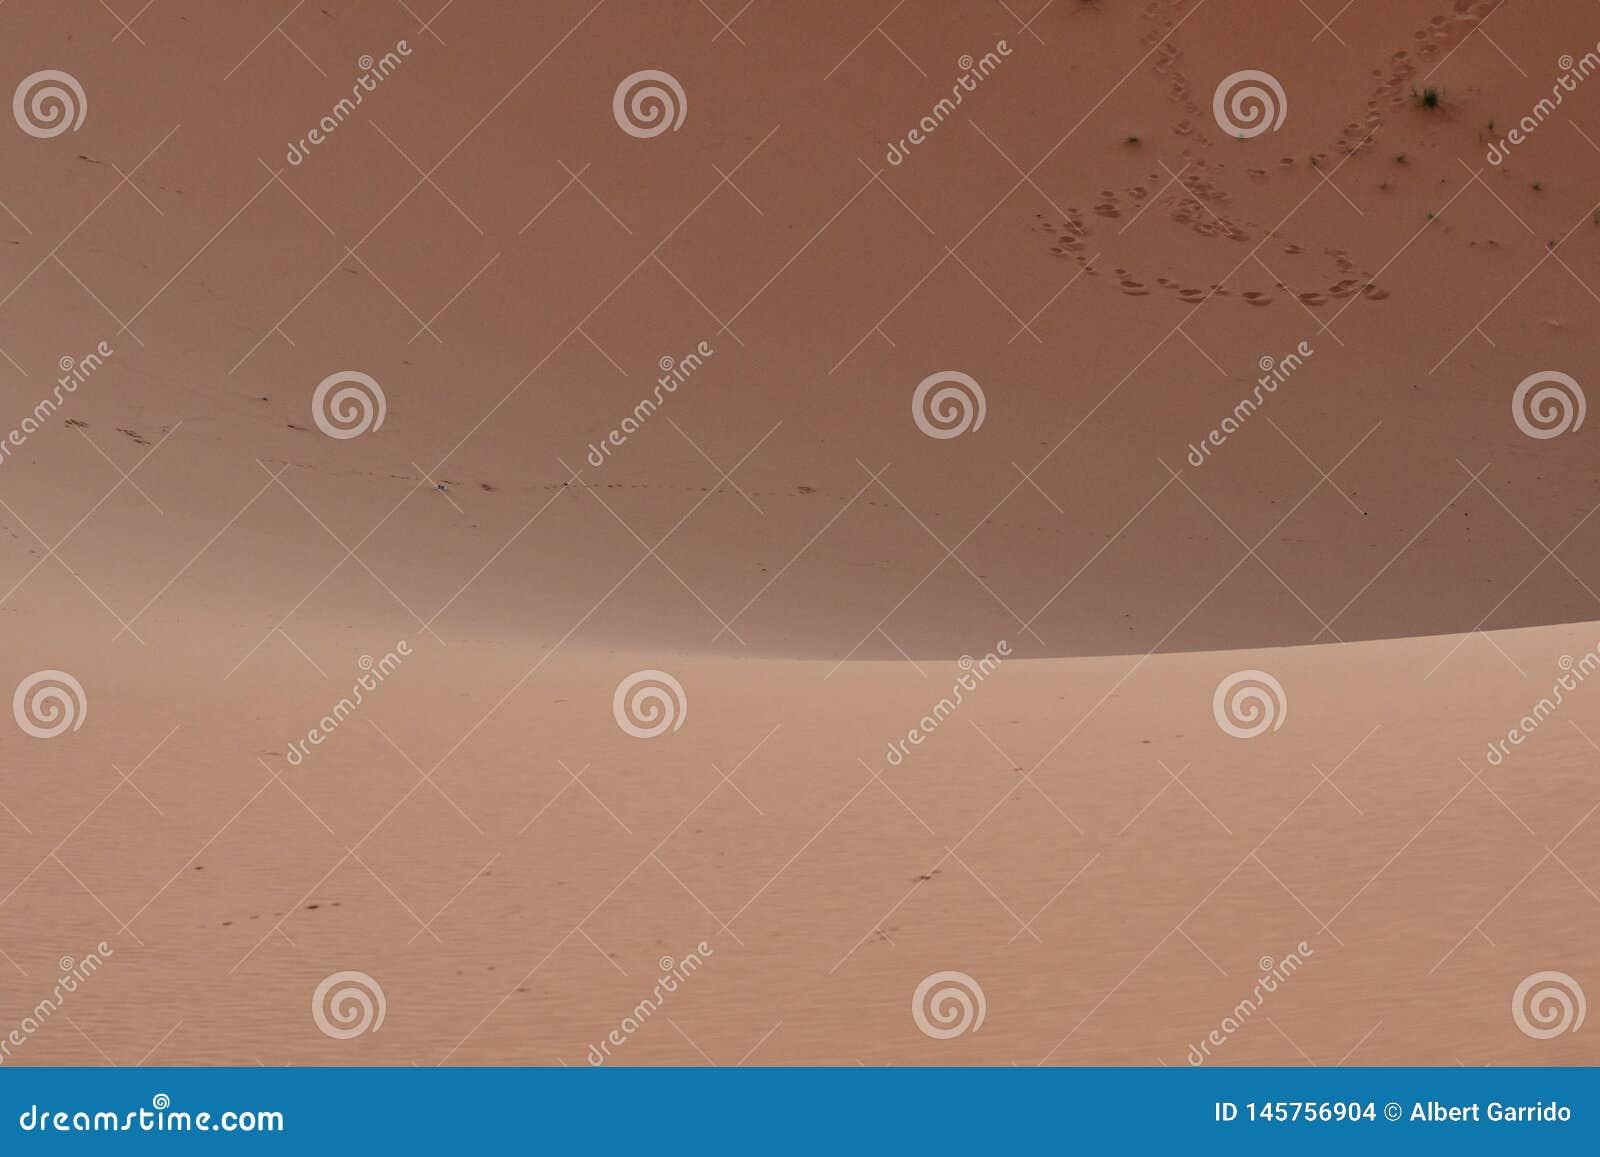 Pegadas na areia do deserto